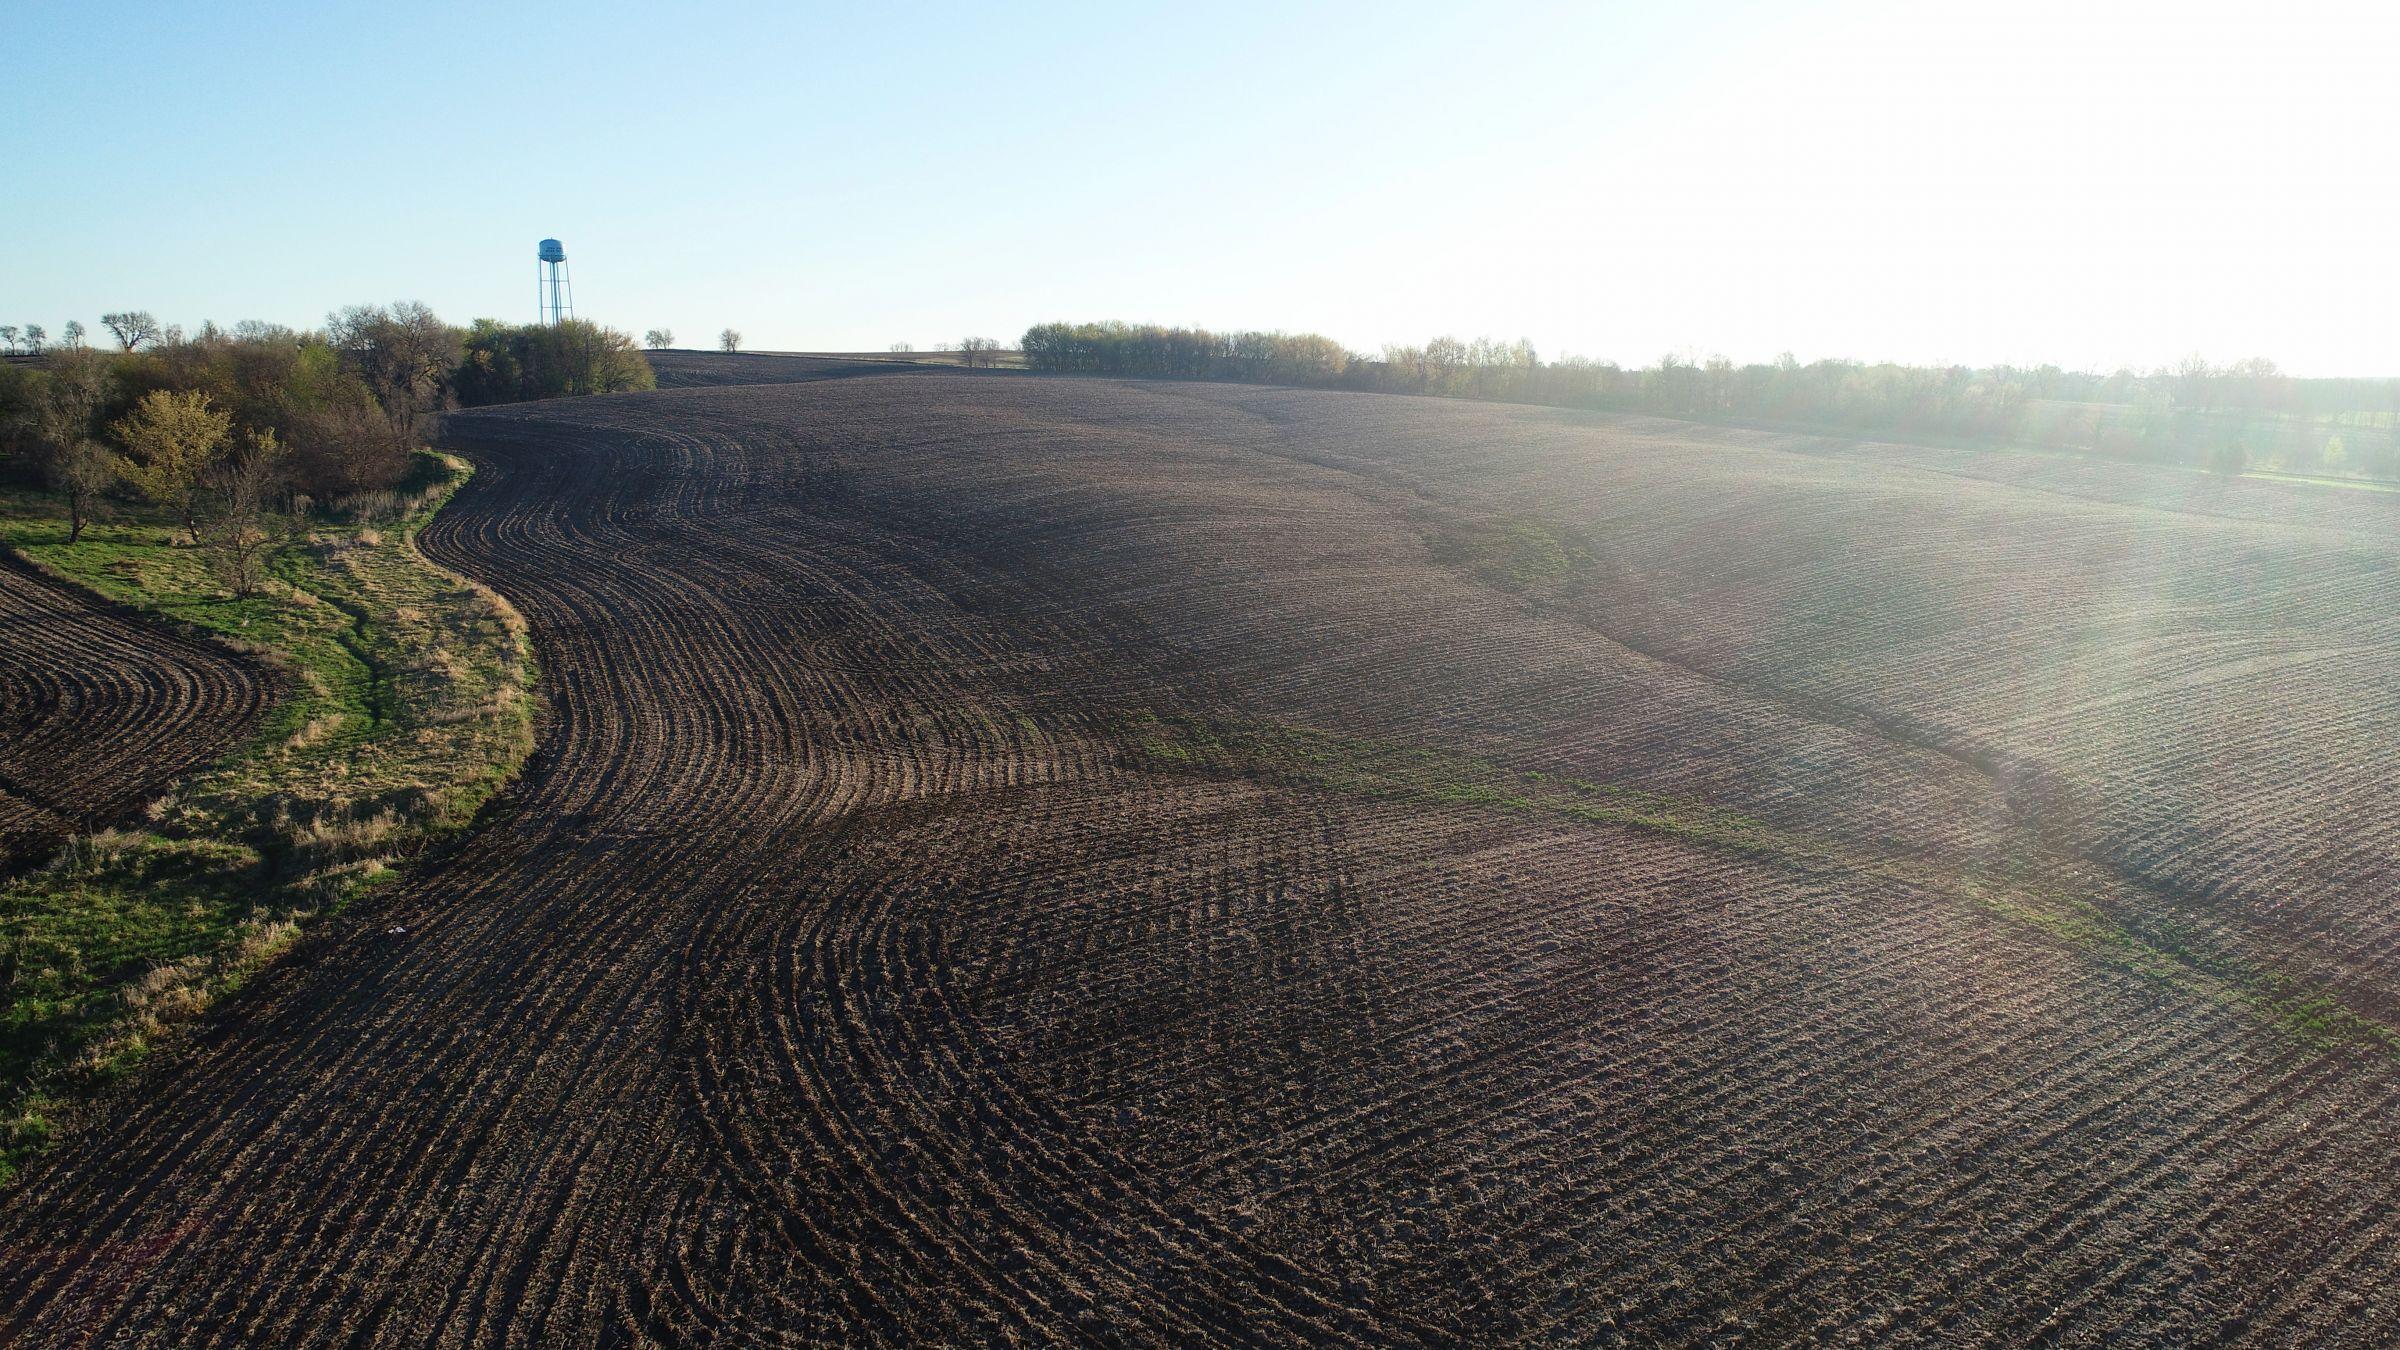 14492-80-acres-ml-polk-county-iowa-6-2019-04-19-145939.jpg